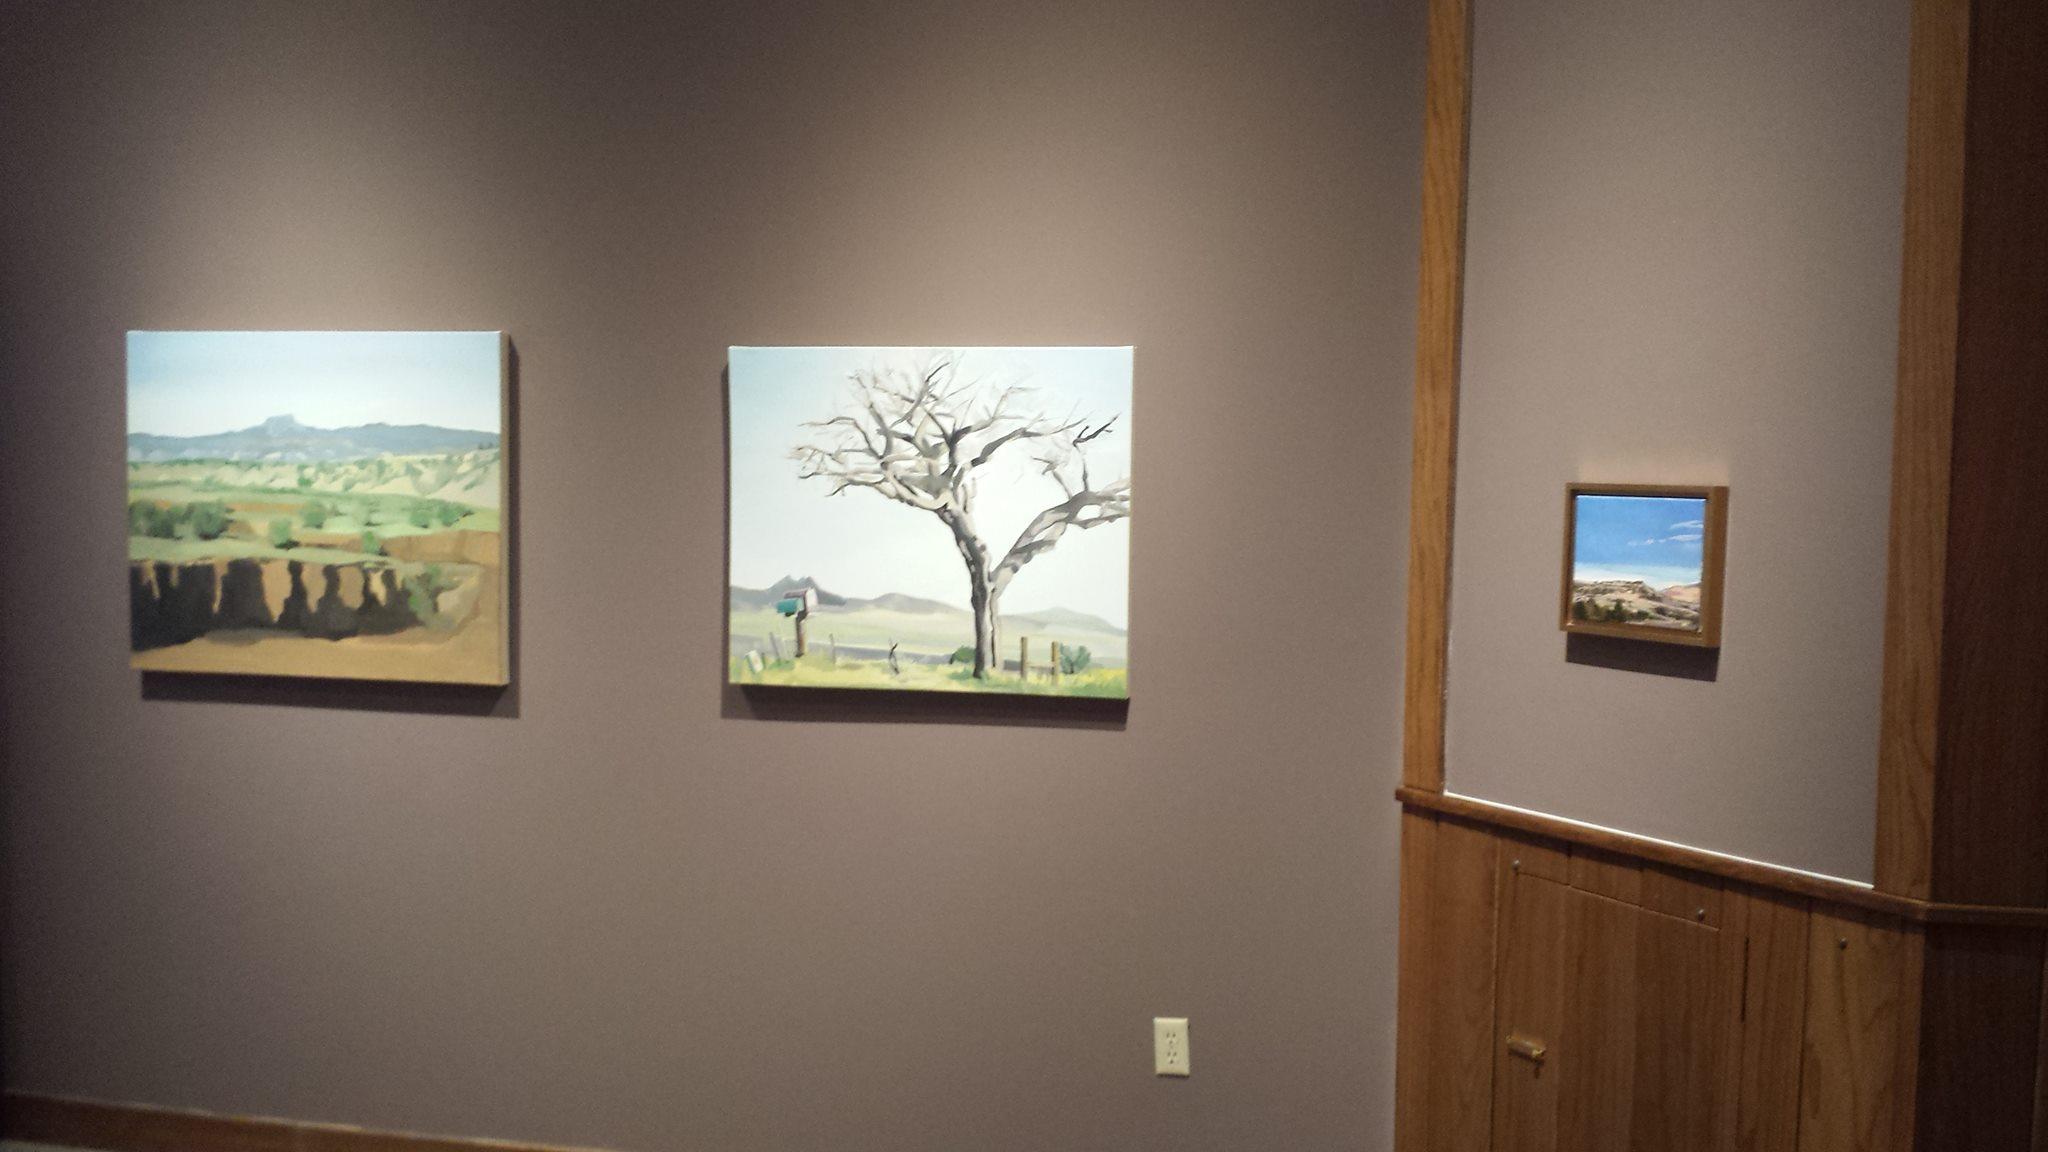 Holt-Russell Gallery, Baker University, Baldwin City, Kansas, March 2016